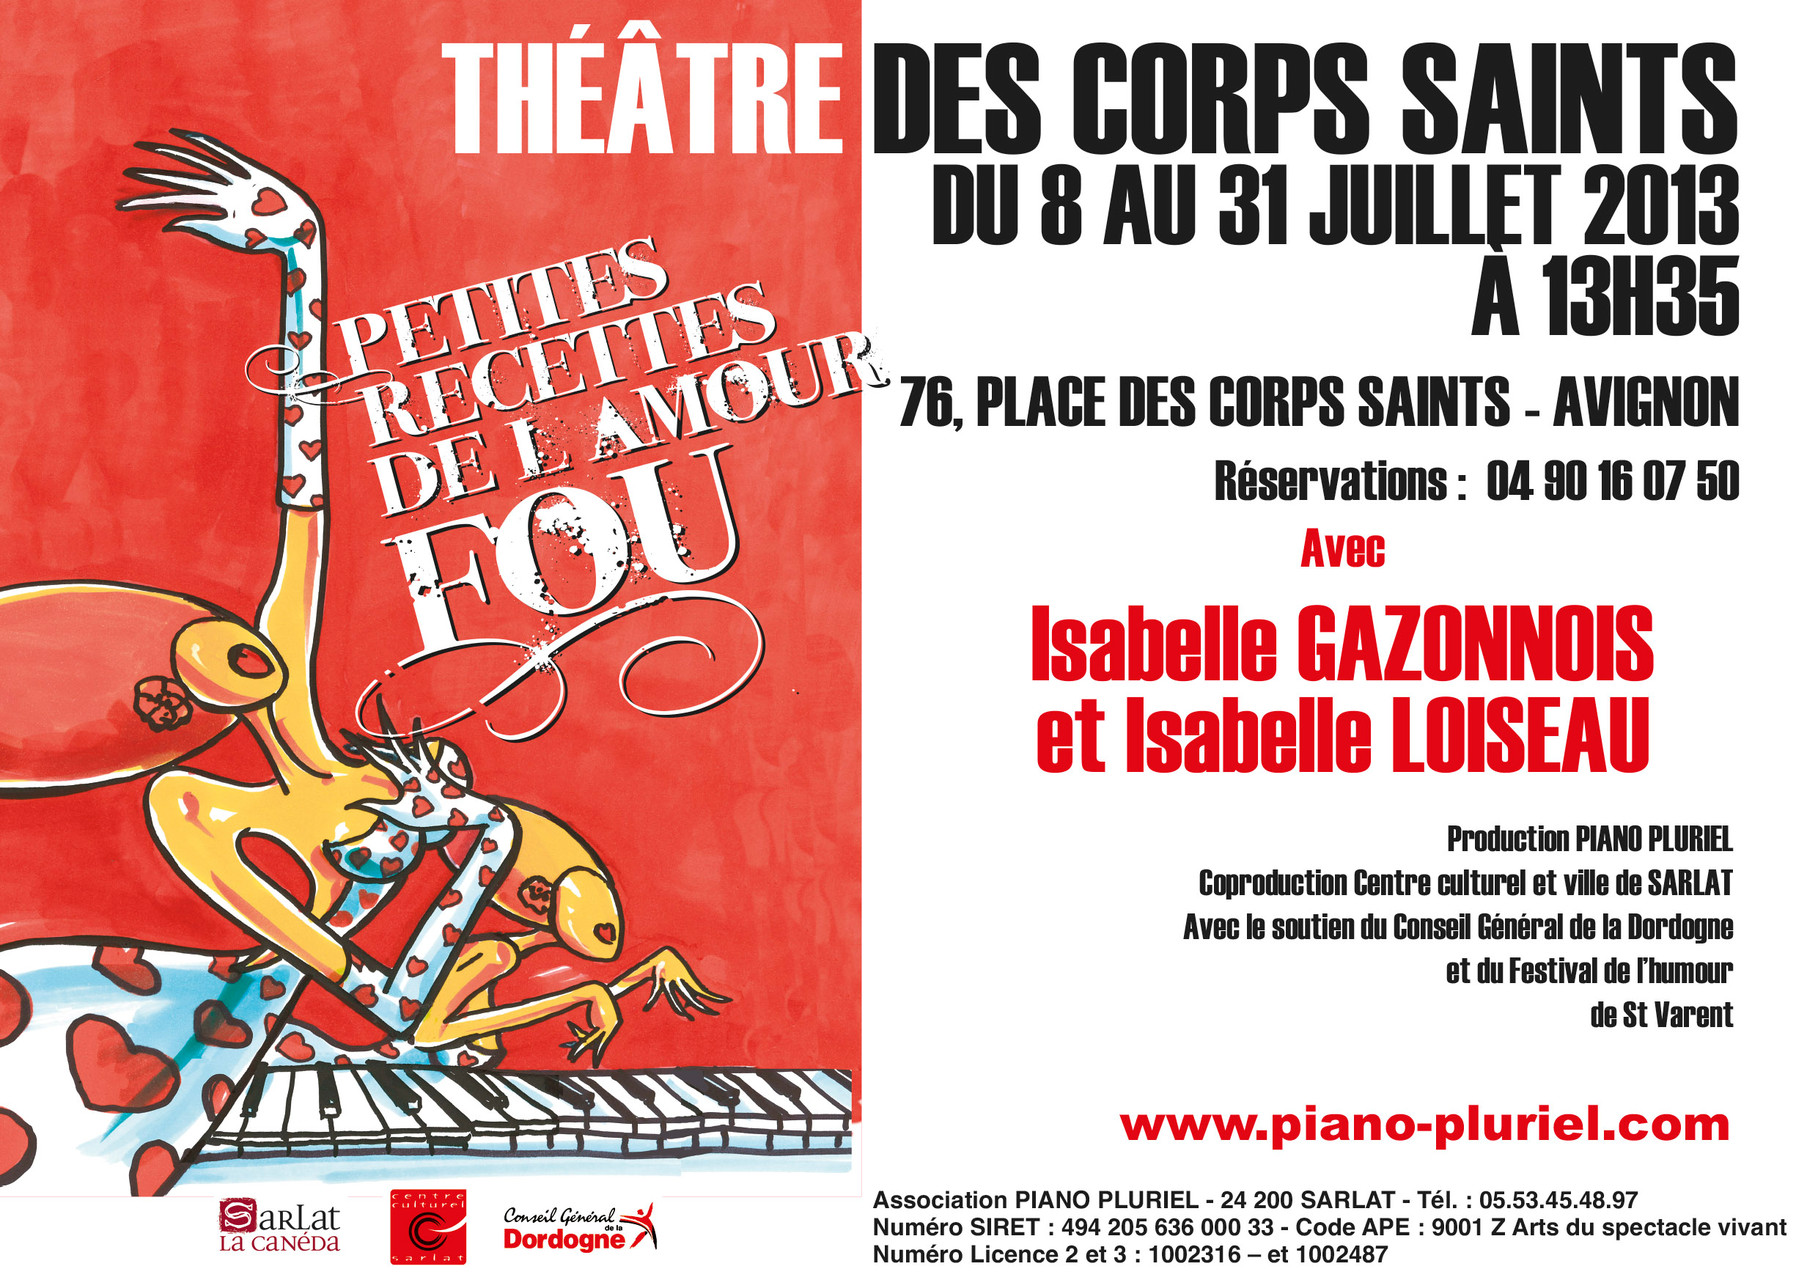 Théâtre des Corps saints Avignon